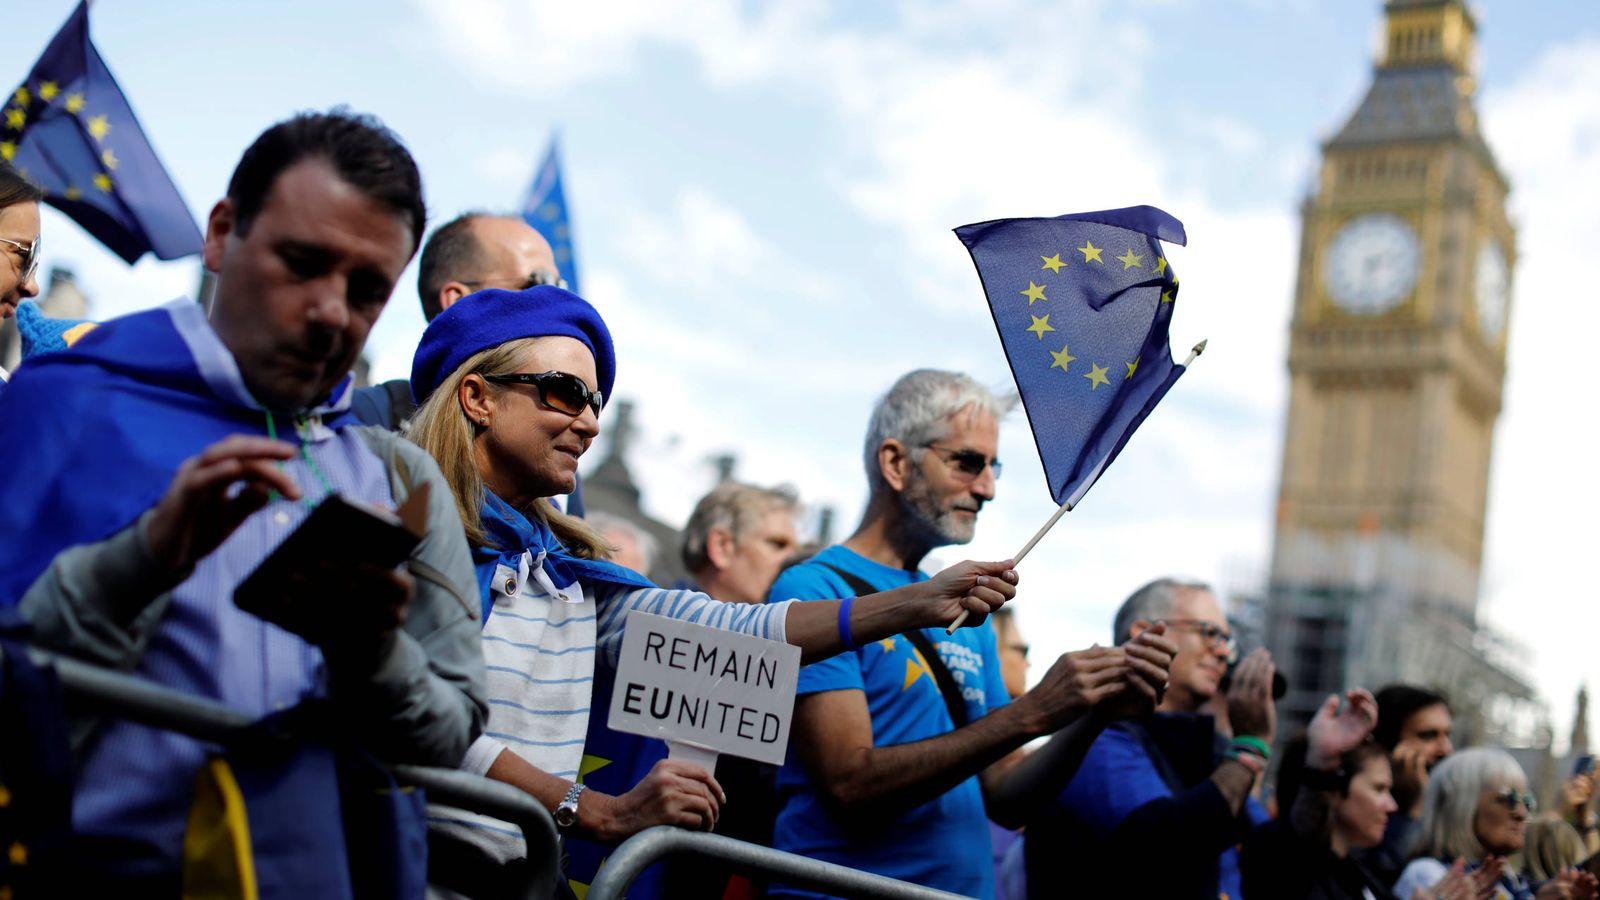 Foto: Manifestantes durante una marcha contra el Brexit en el centro de Londres. (Reuters)